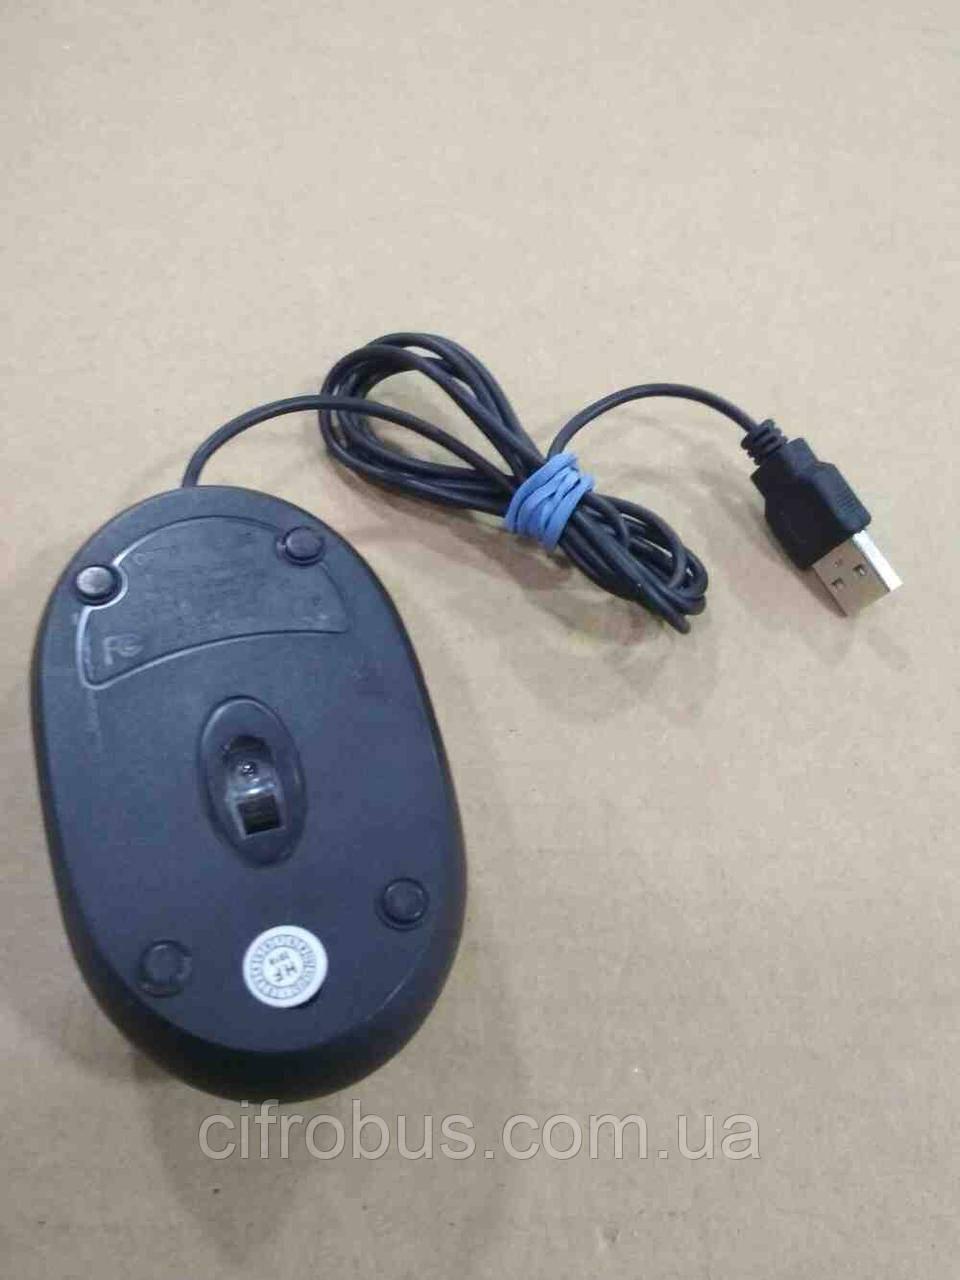 Б/У Мышка компьютерная проводная USB